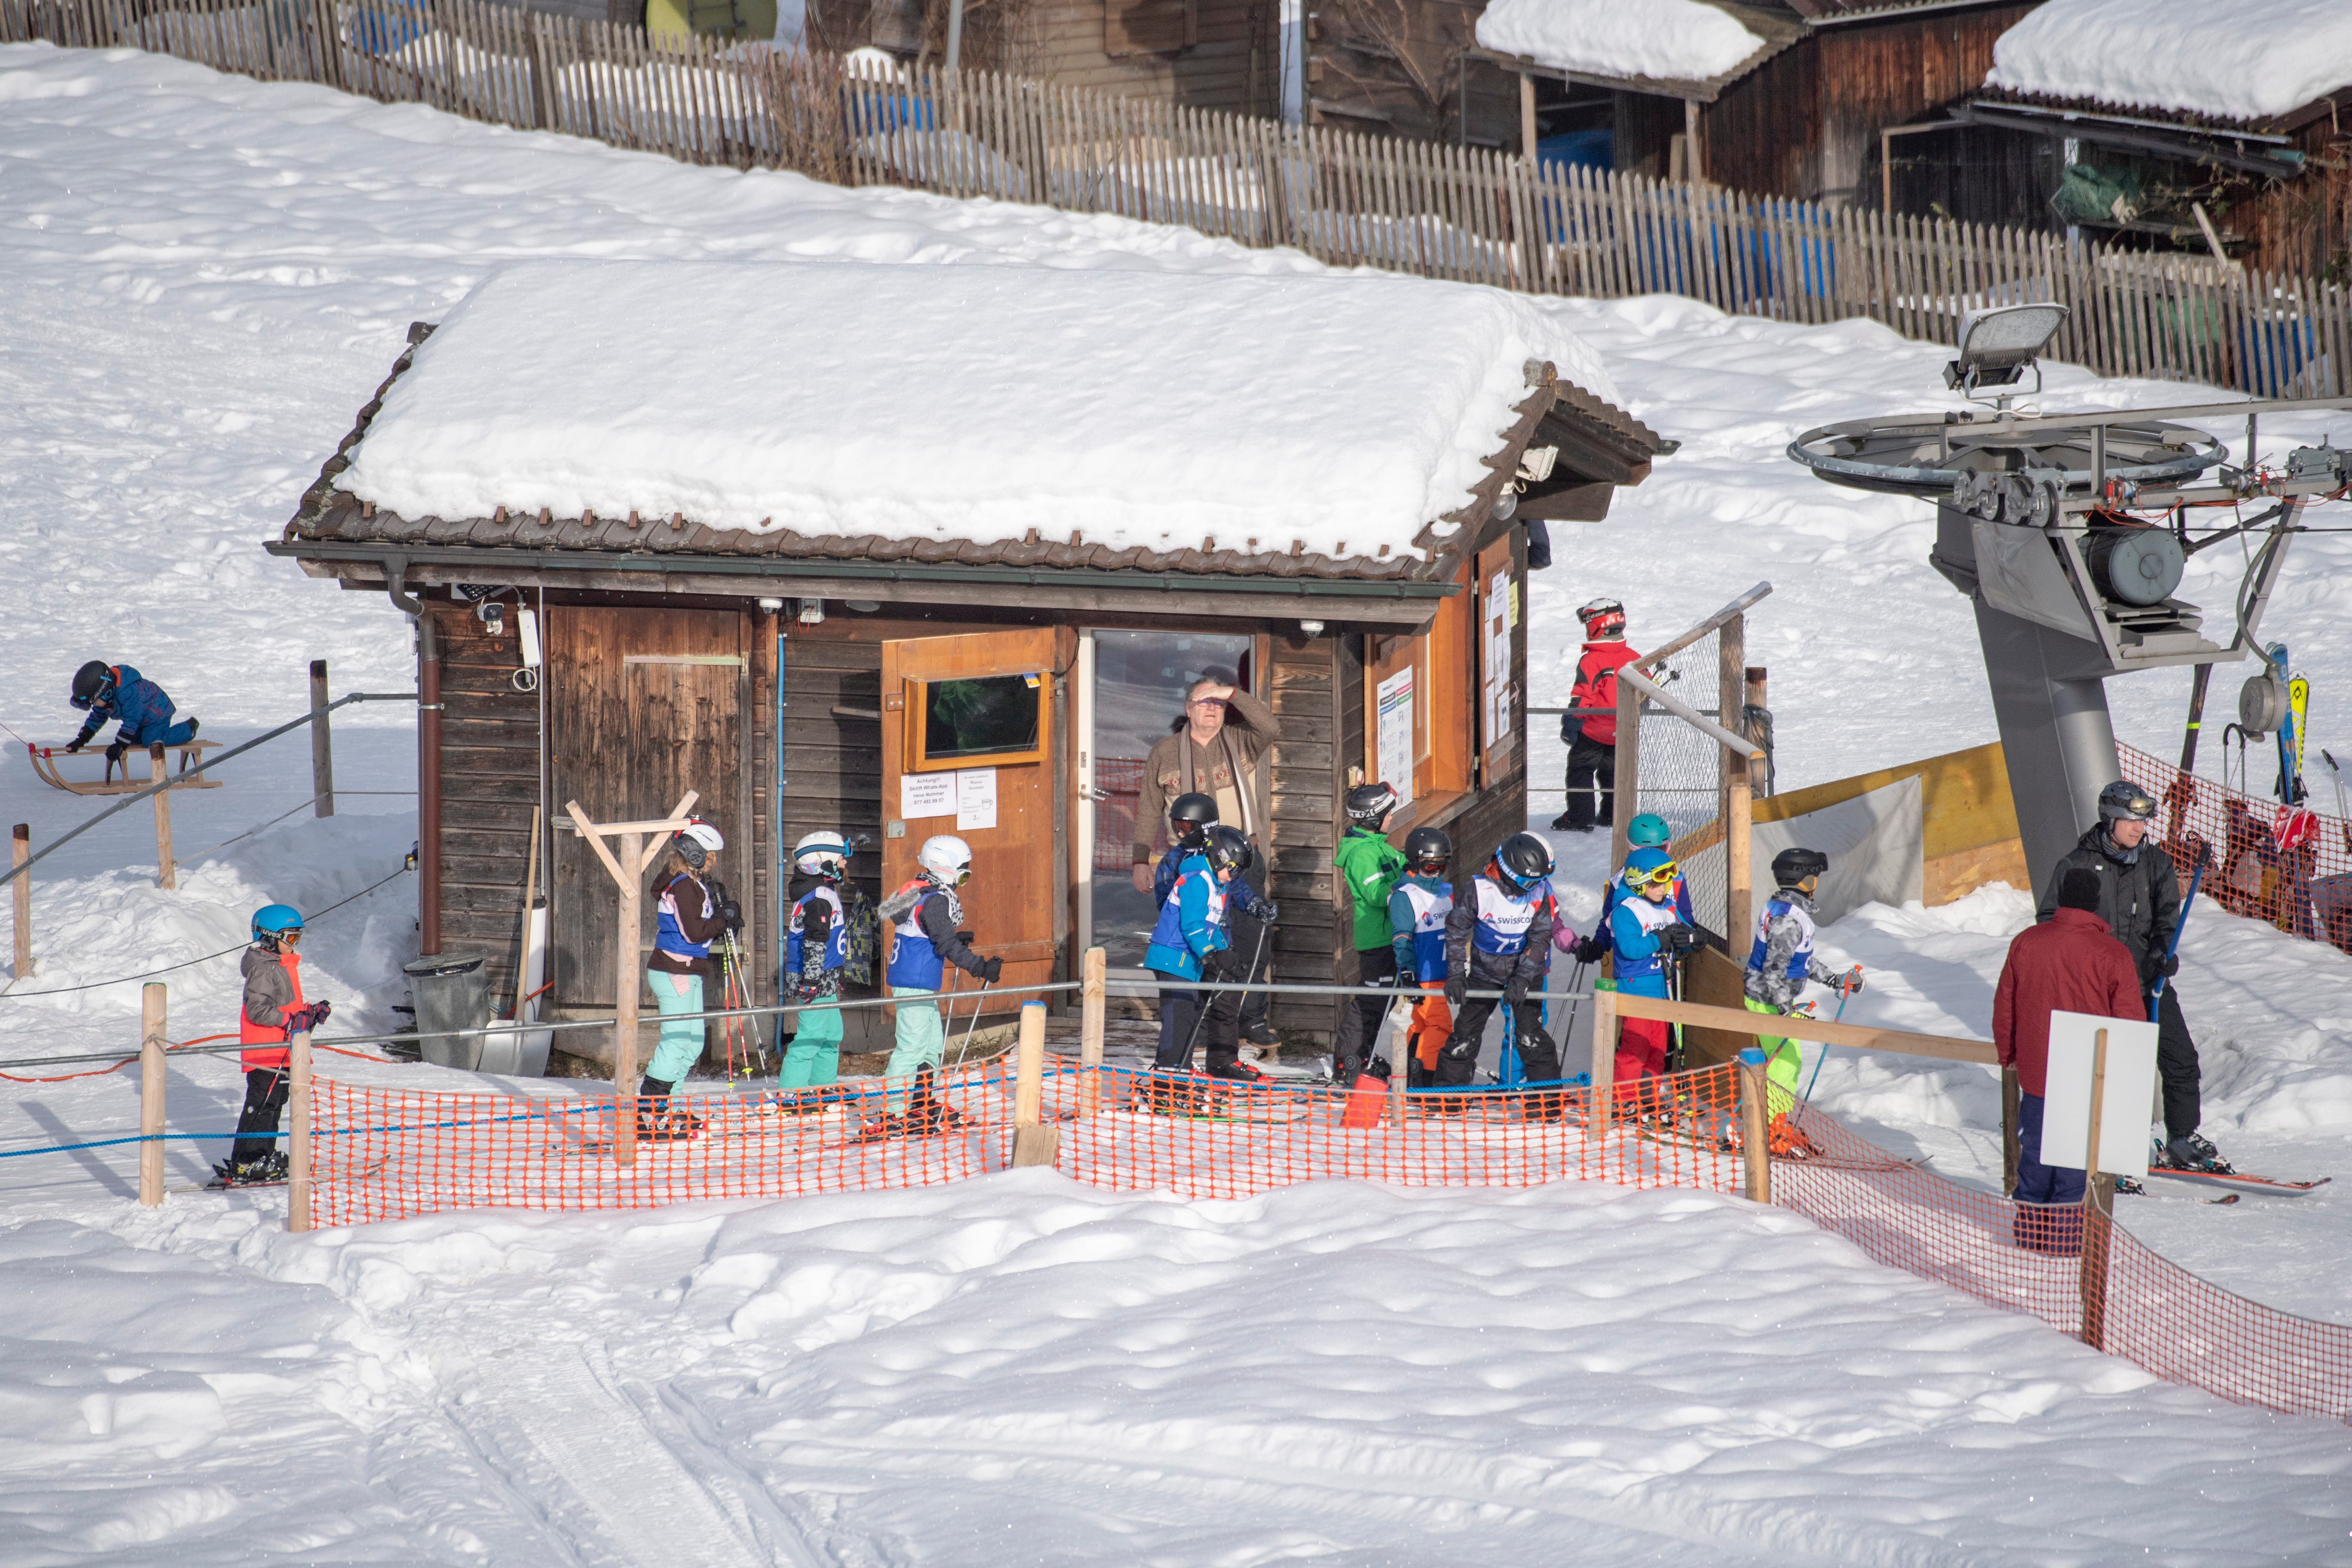 An der Talstation des Skilifts an der Beckenhalde warten die kleinen Wettkämpferinnen und Wettkämpfer, um sich zum Start oben am Hang transportieren zu lassen. (Bilder: Urs Bucher - 20. Januar 2019)